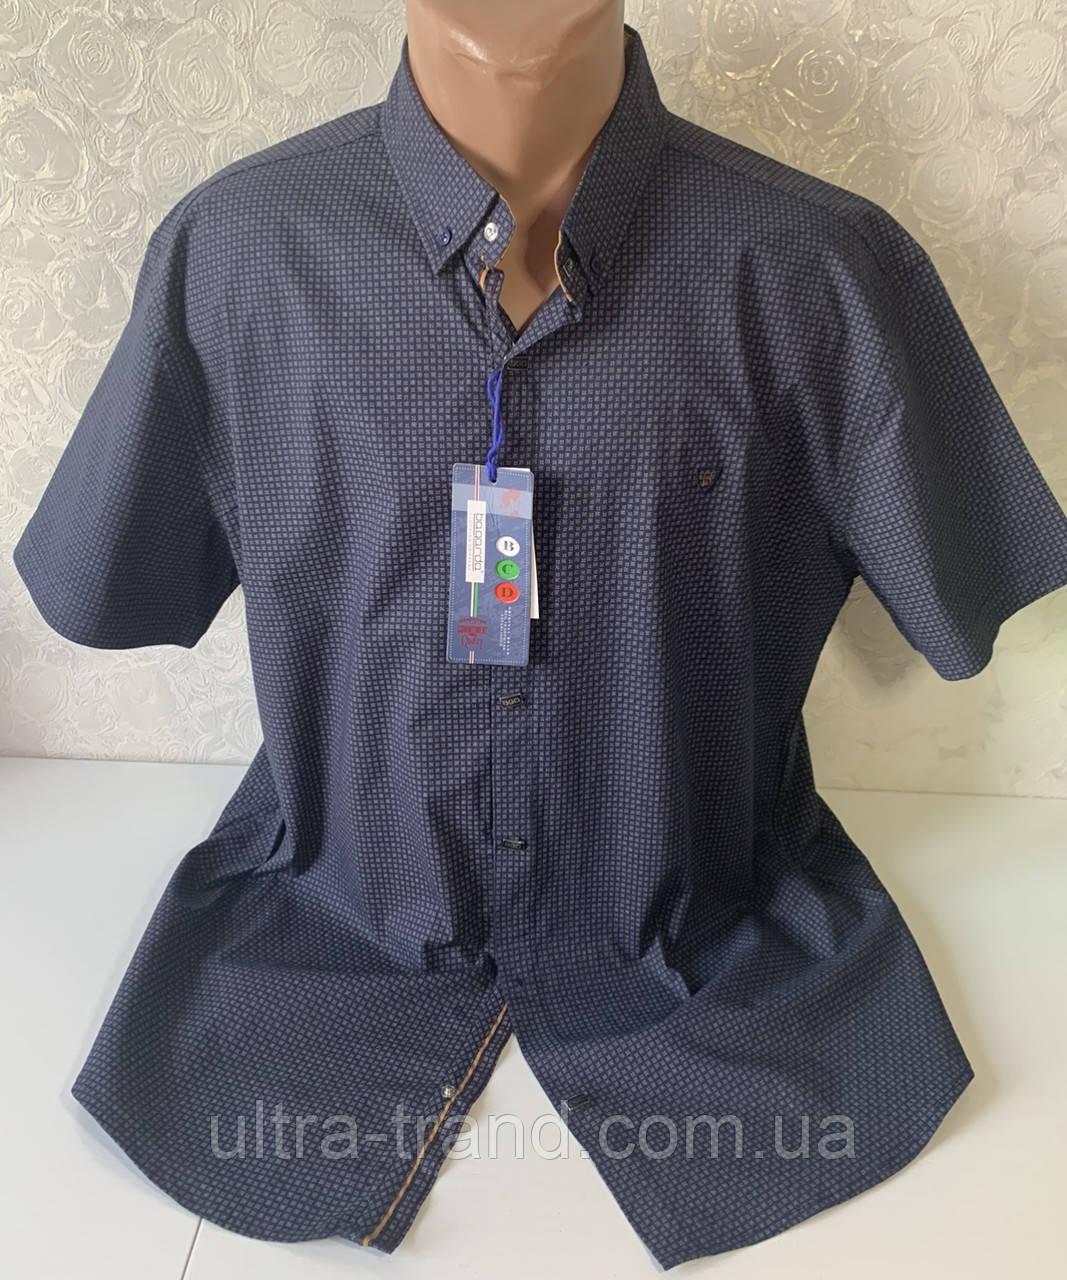 Мужские турецкие рубашки шведки больших размеров с двумя карманами  супербаталы